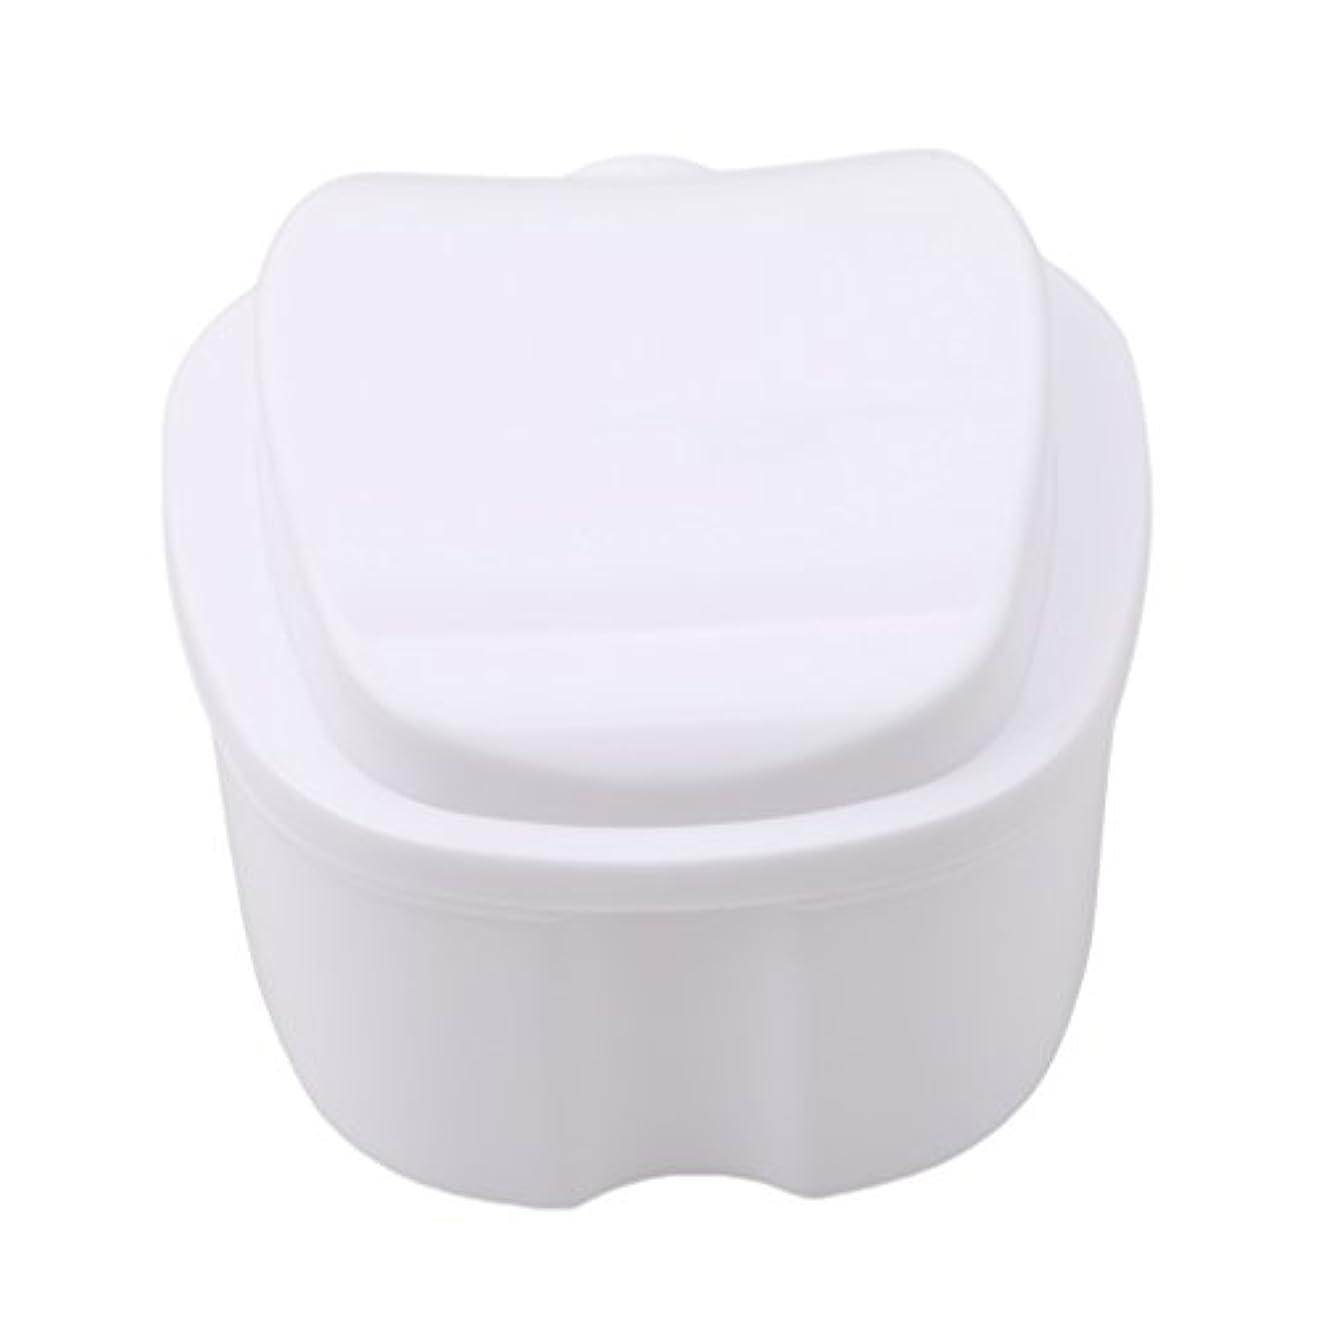 Honel 収納ボックス 義歯収納用 リテーナーケース りんご柄 ホワイト